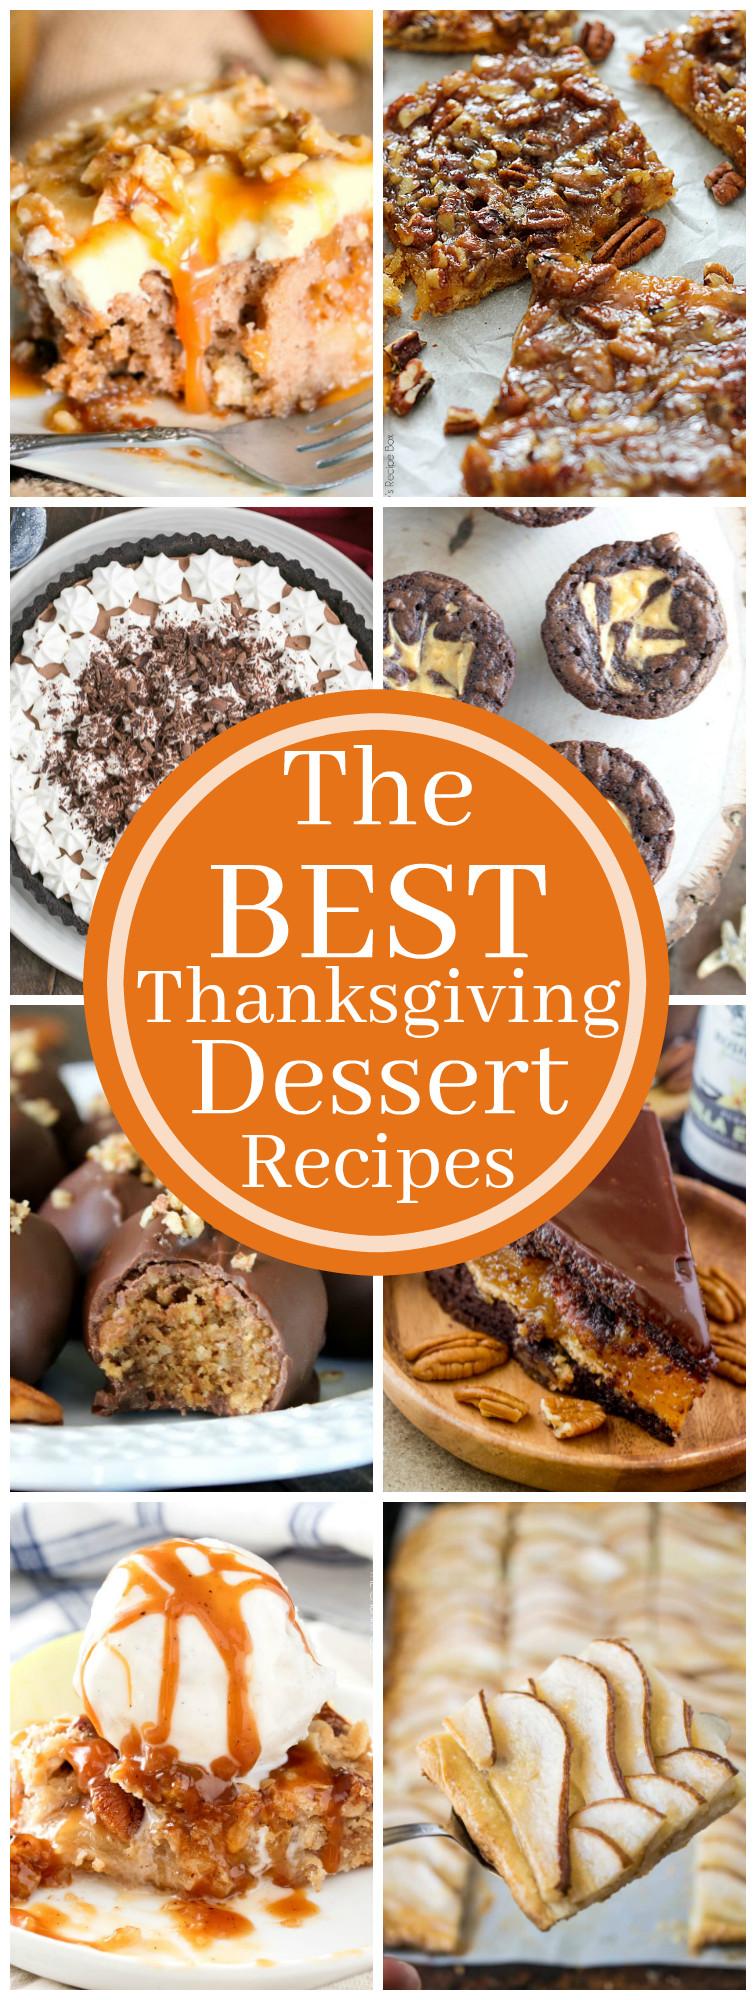 Easy Thanksgiving Desserts Pinterest  Best Thanksgiving Dessert Recipes Kleinworth & Co